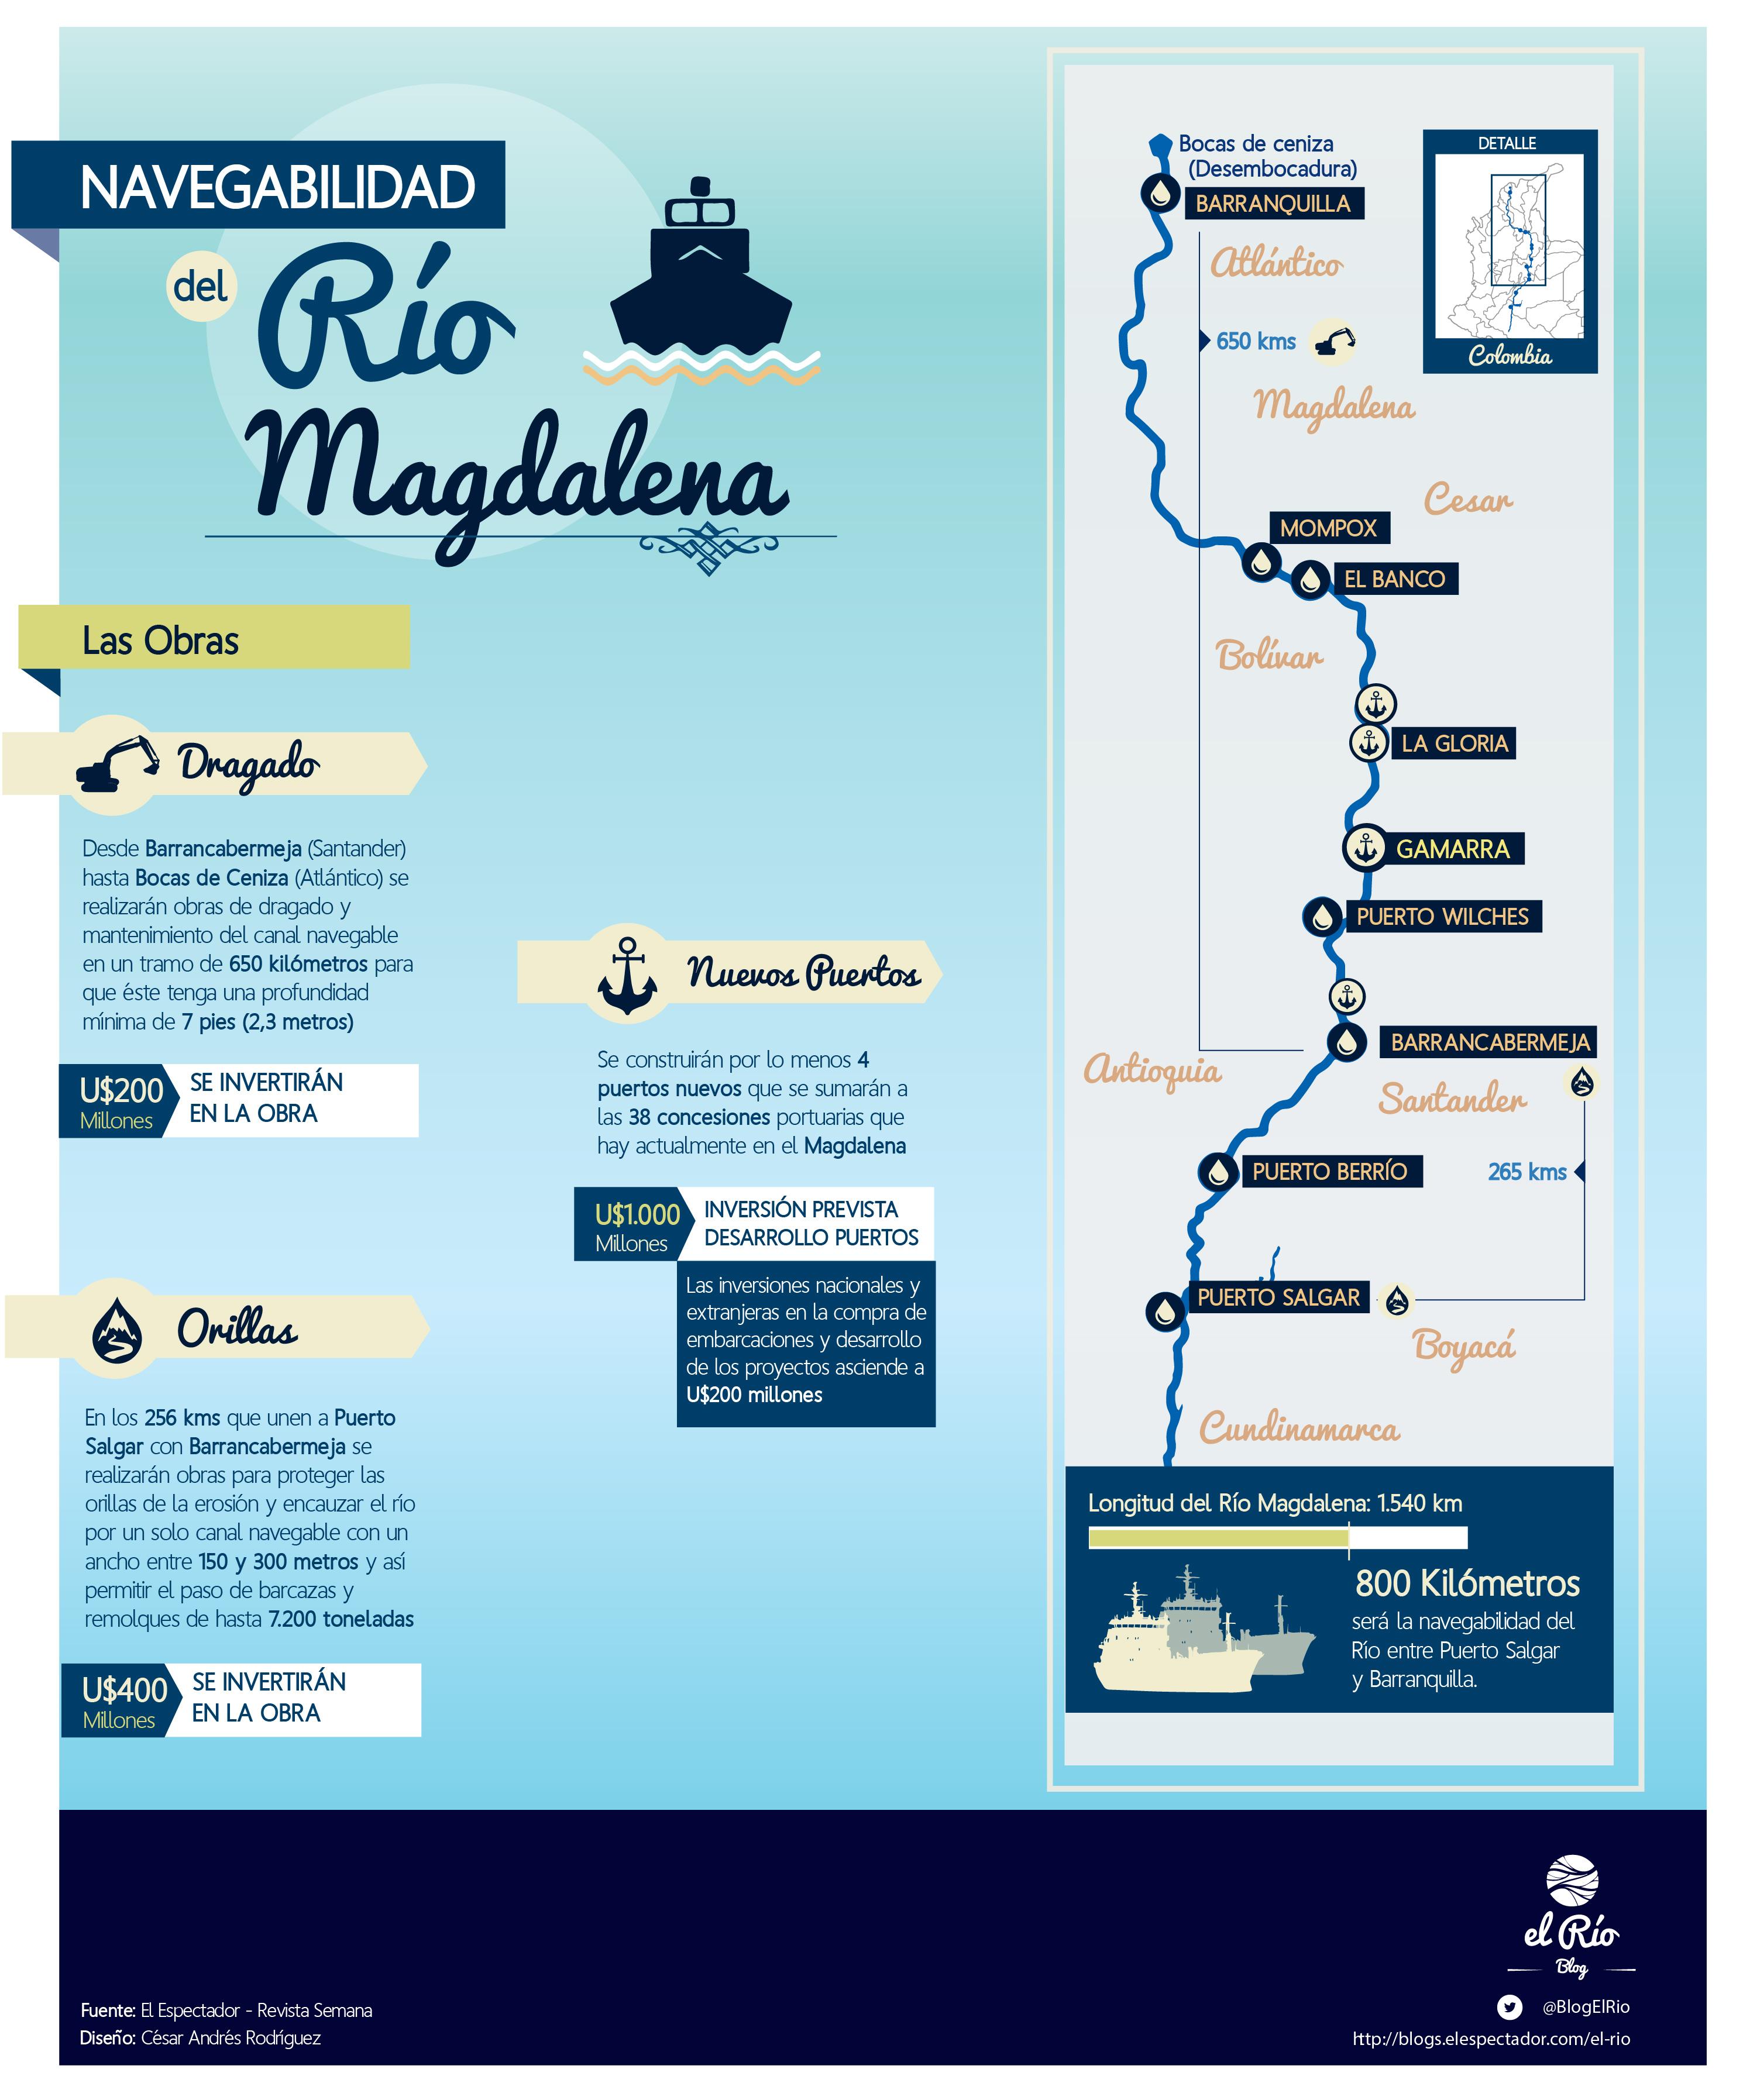 InfografíaNavegabilidadRioMagdalena-01-01 (1)